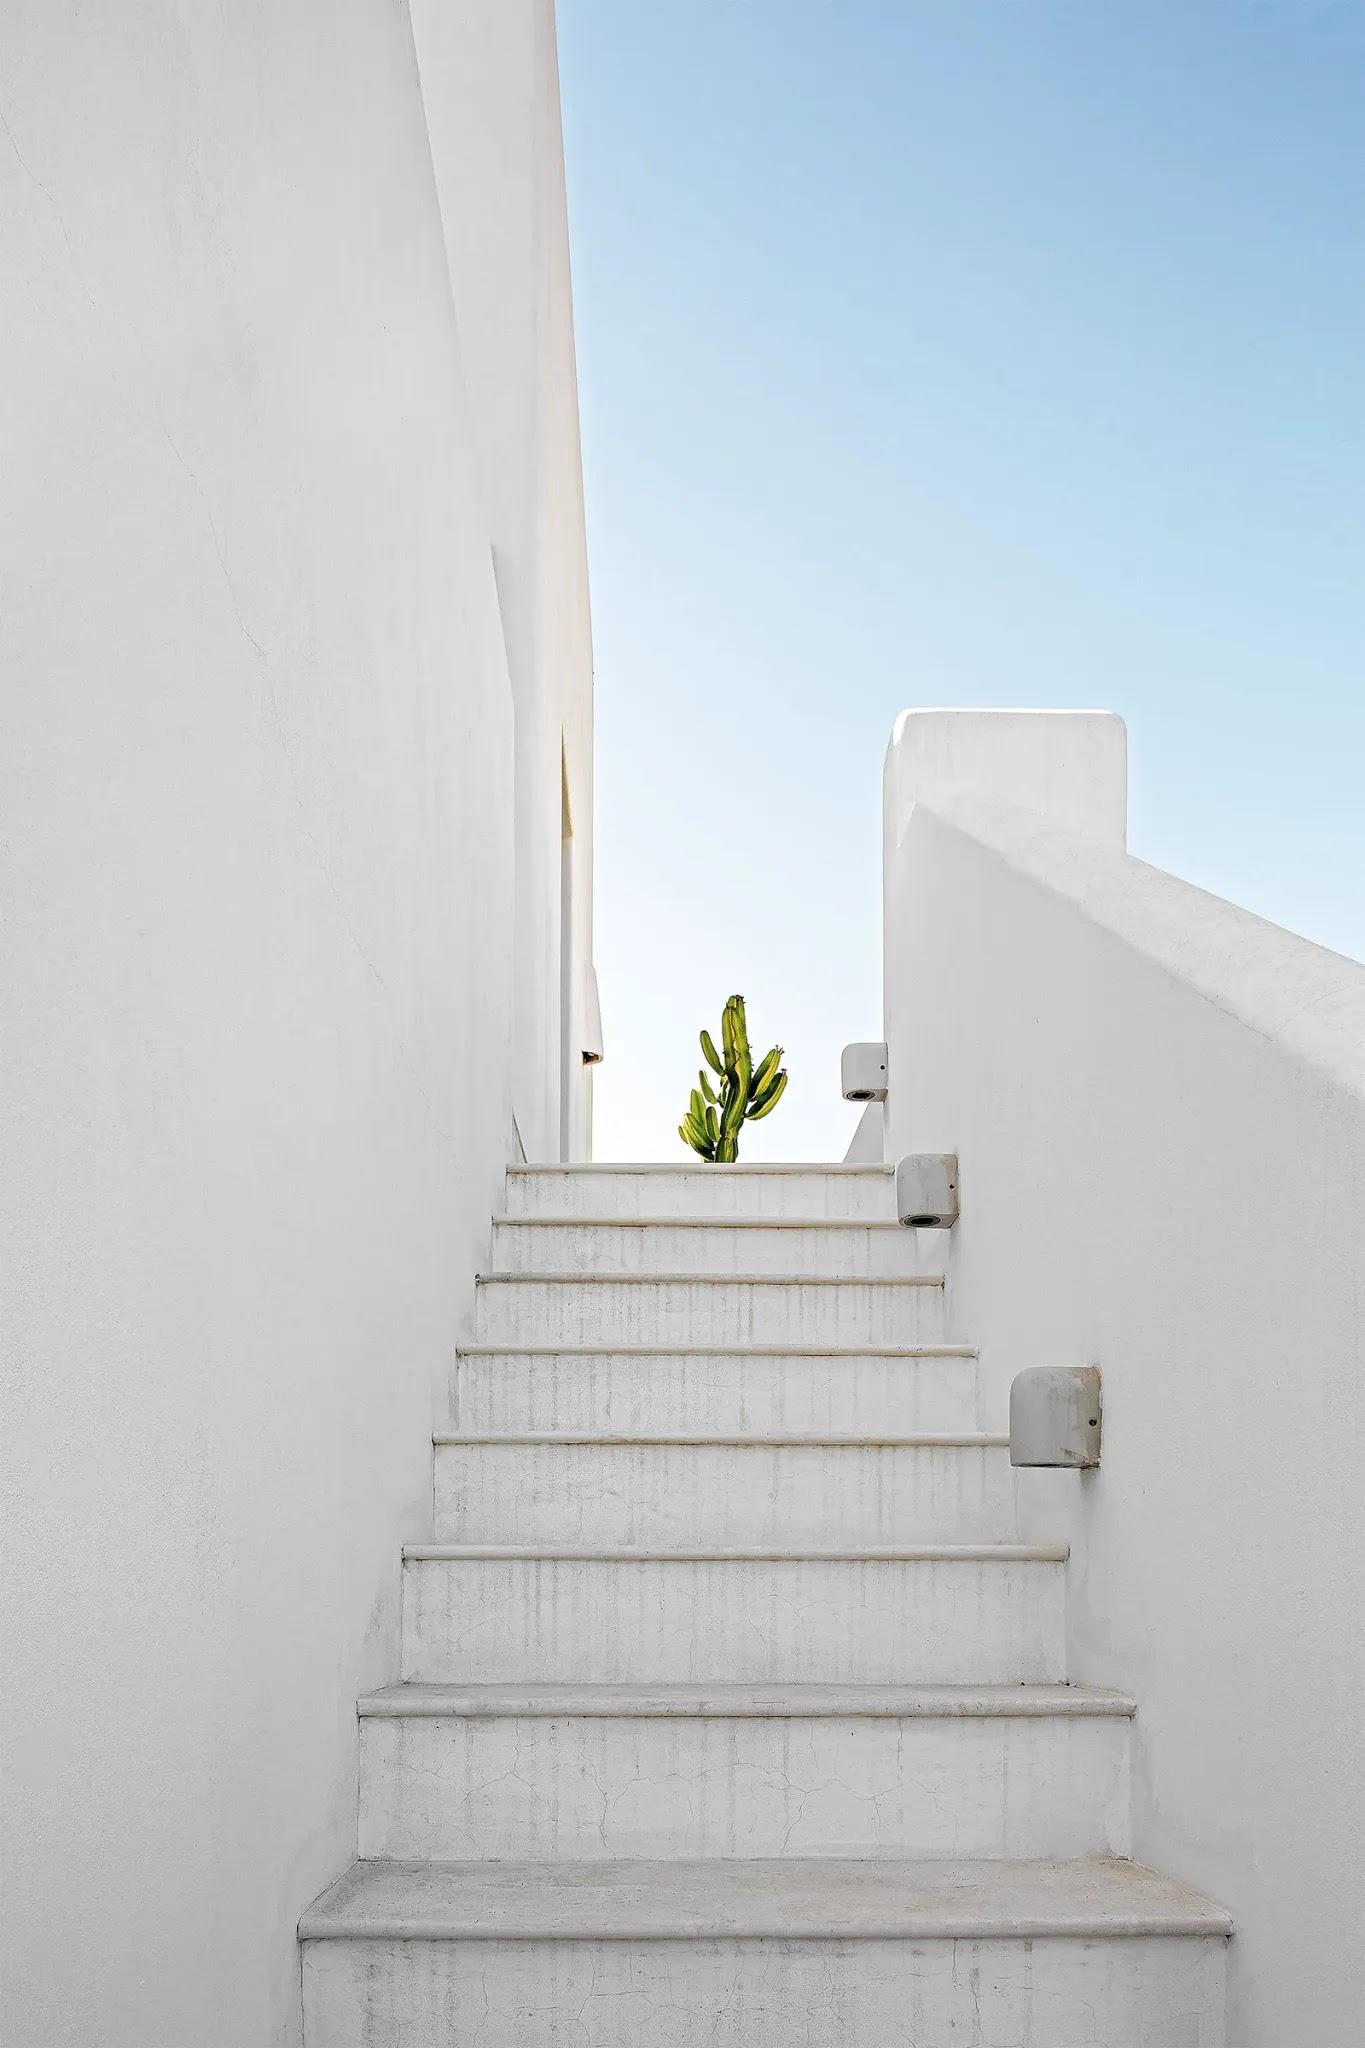 עיצוב ים תיכוני מודרני של בית נופש בספרד